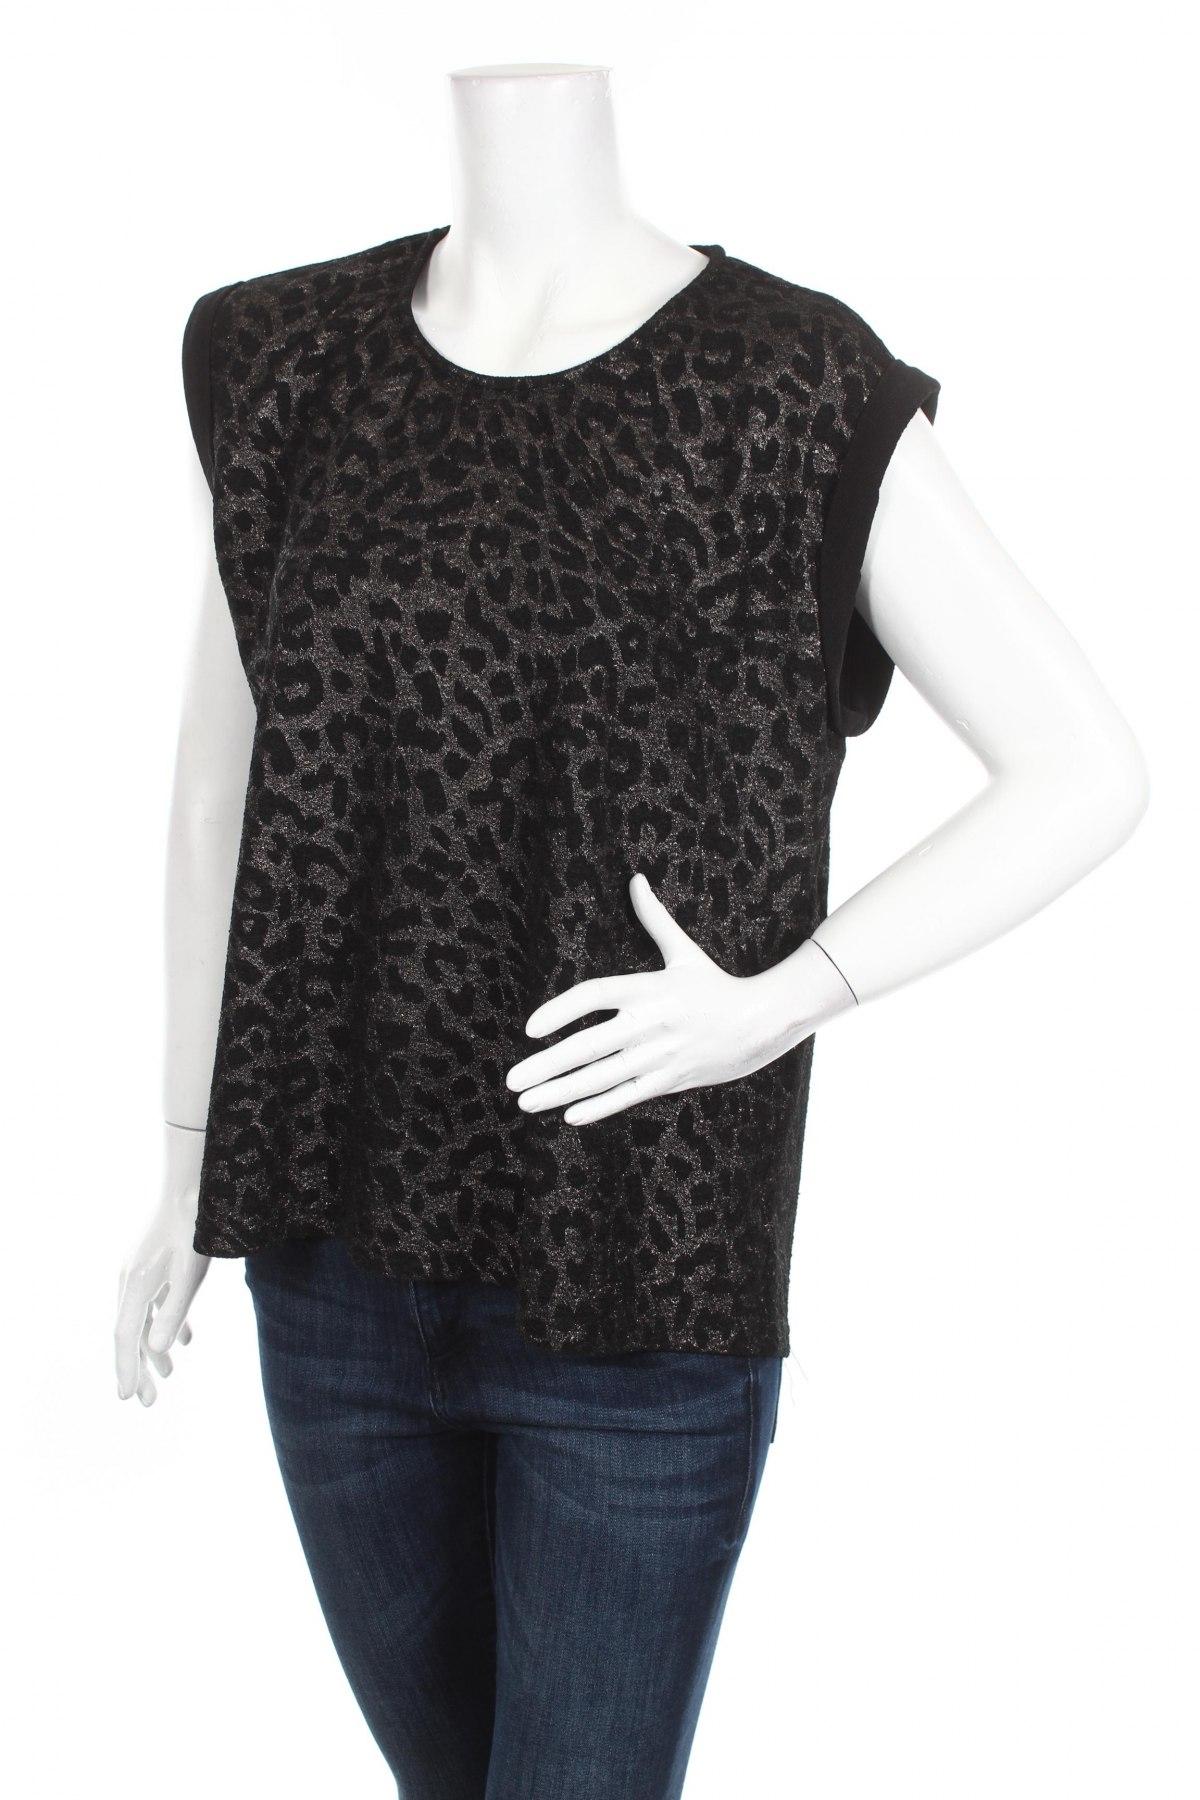 Дамска блуза Cha Cha, Размер L, Цвят Черен, 5% еластан, 95% полиестер, Цена 16,00лв.